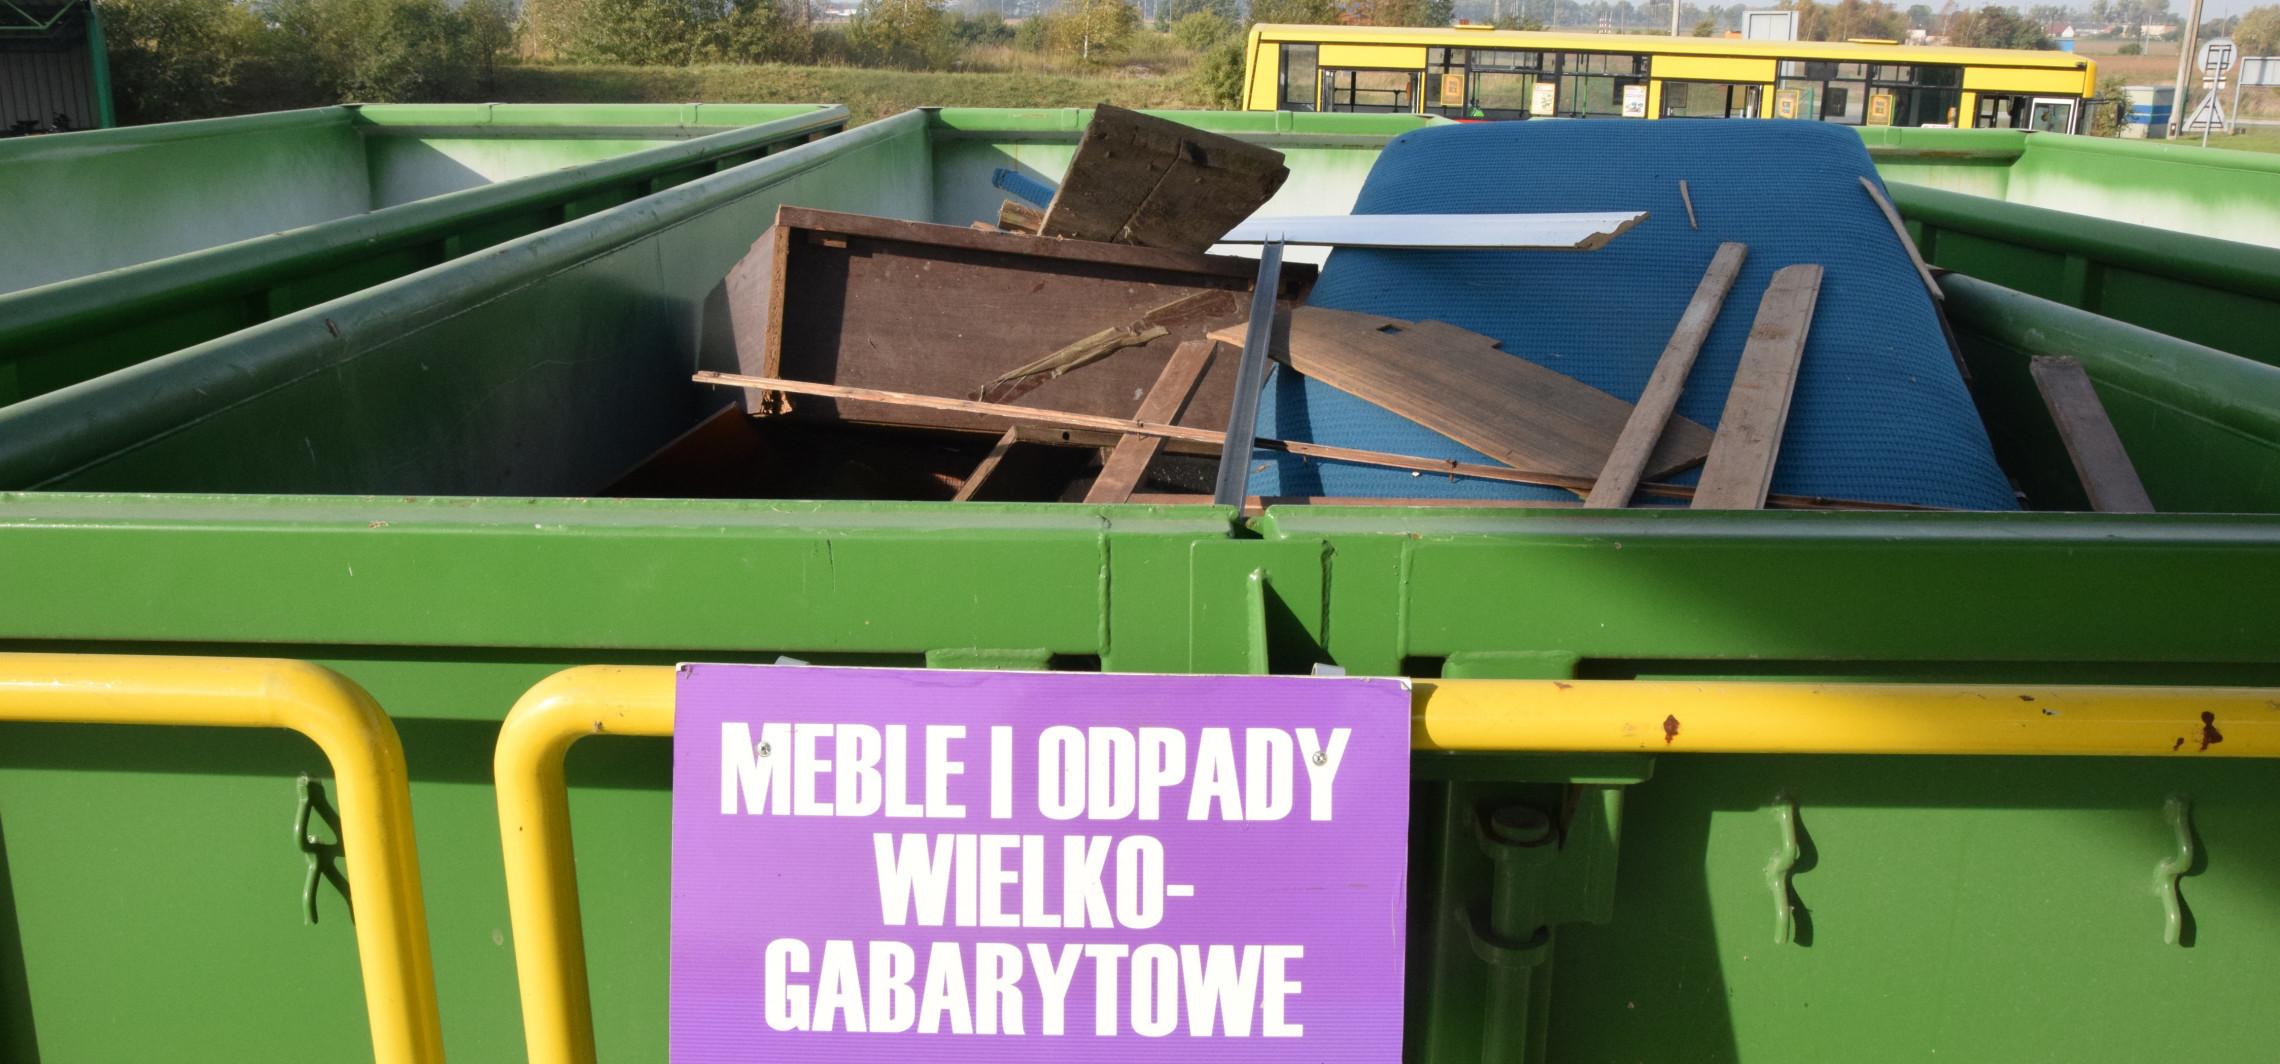 Inowrocław - Zielona środa: zbiórka odpadów wielkogabarytowych